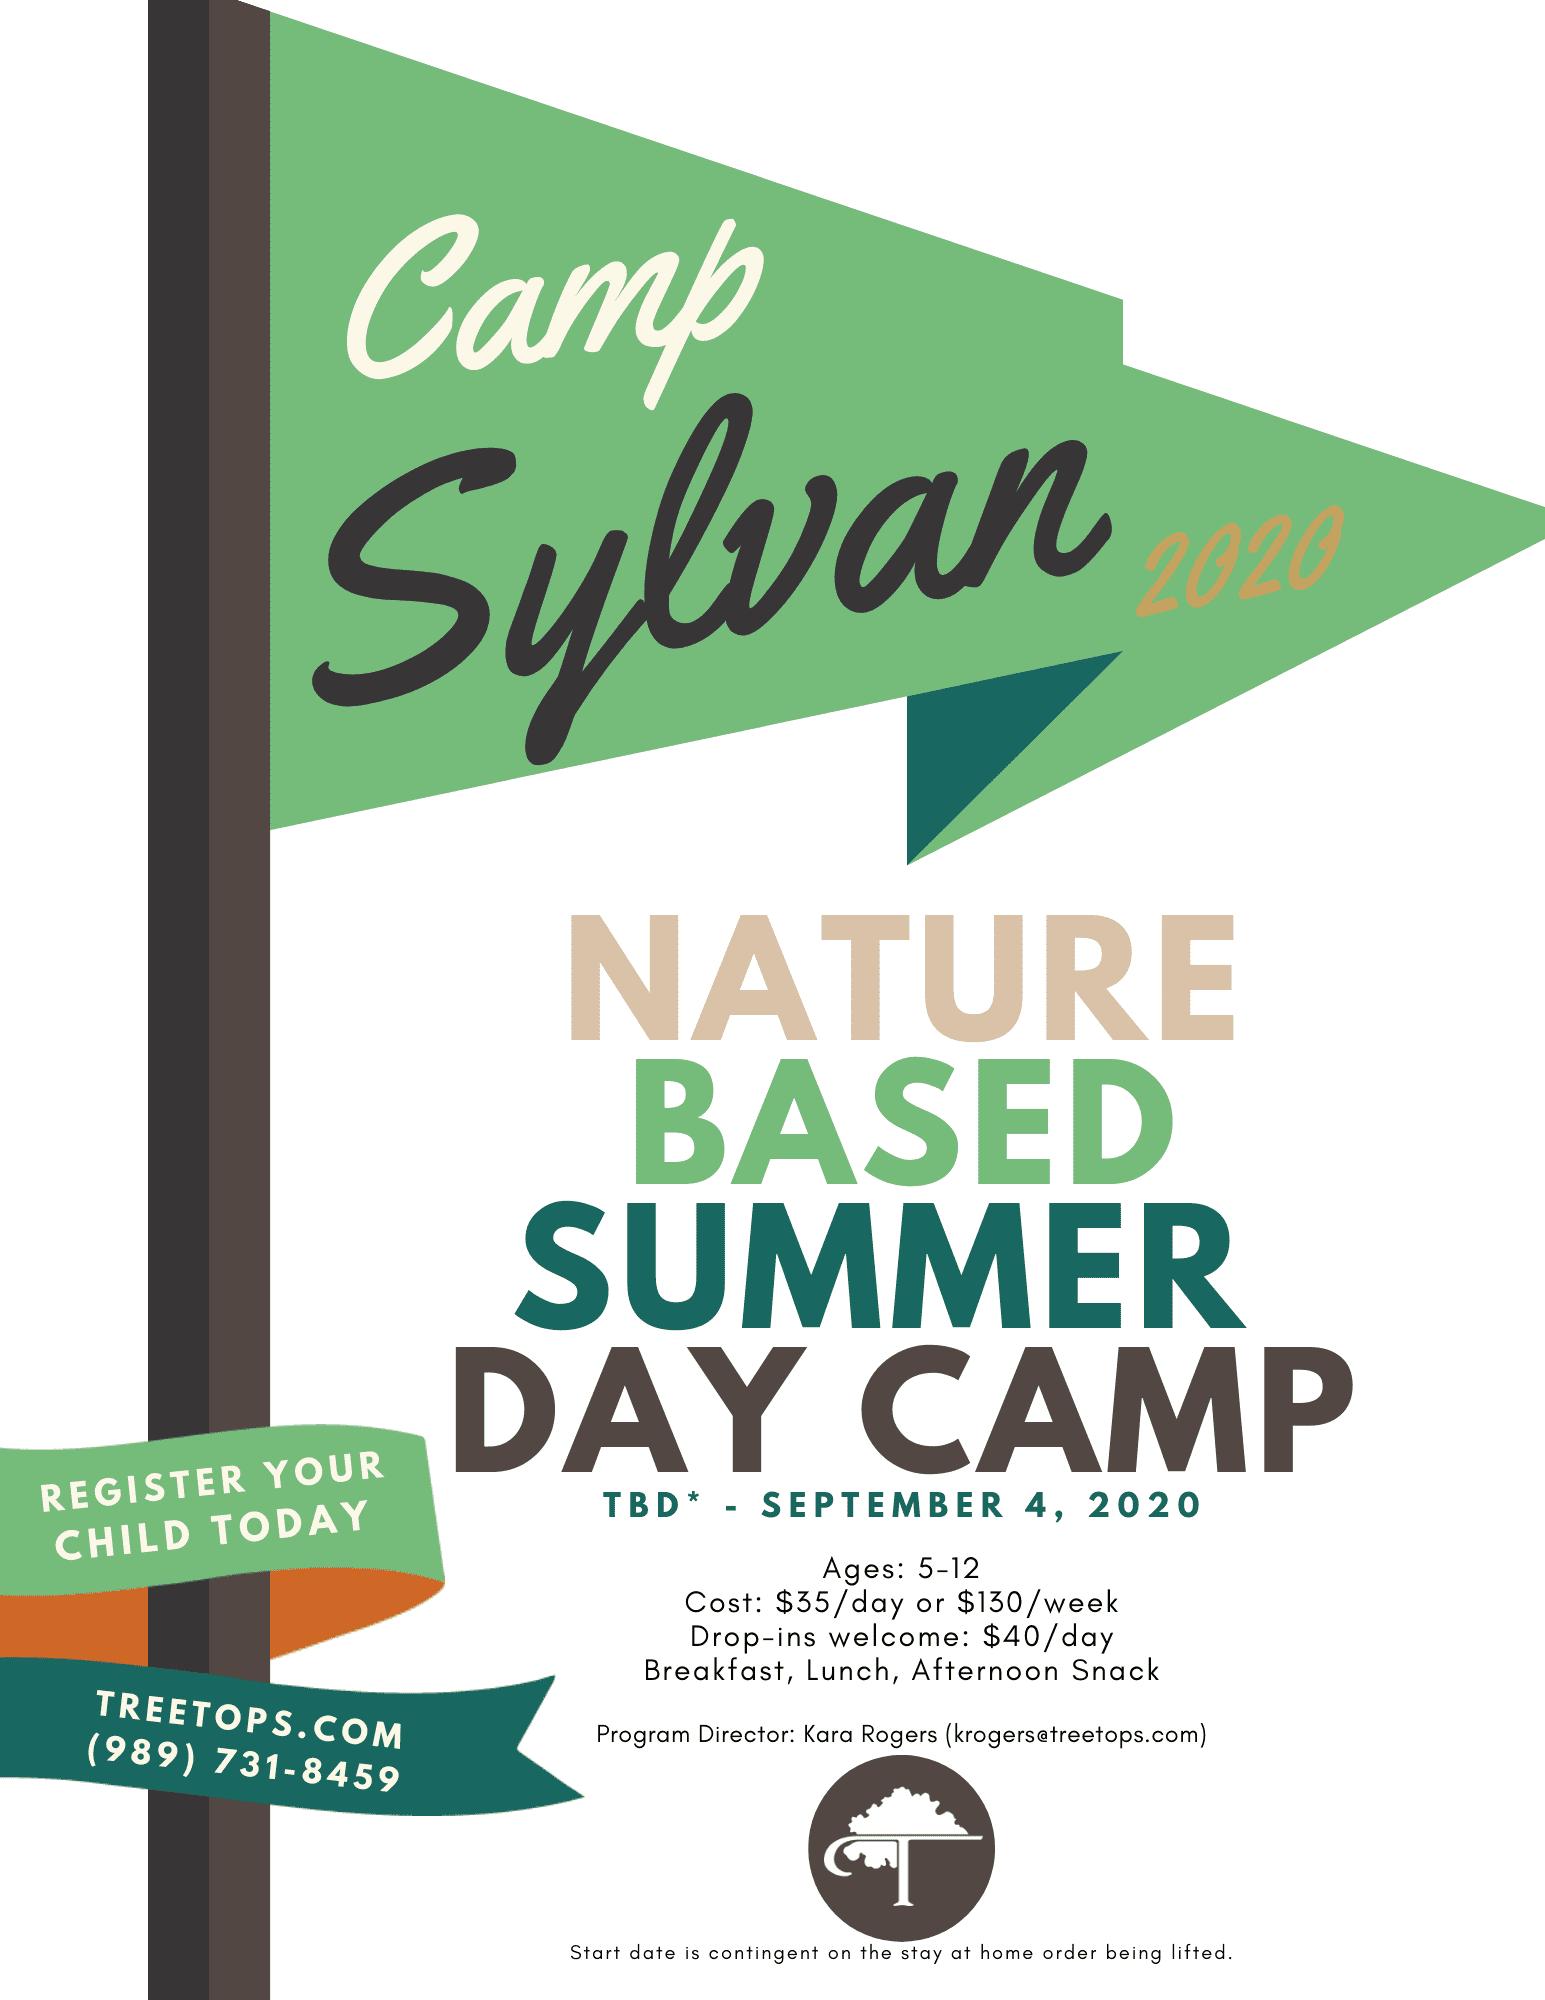 Camp Sylvan Flyer - Updated 4.28.20